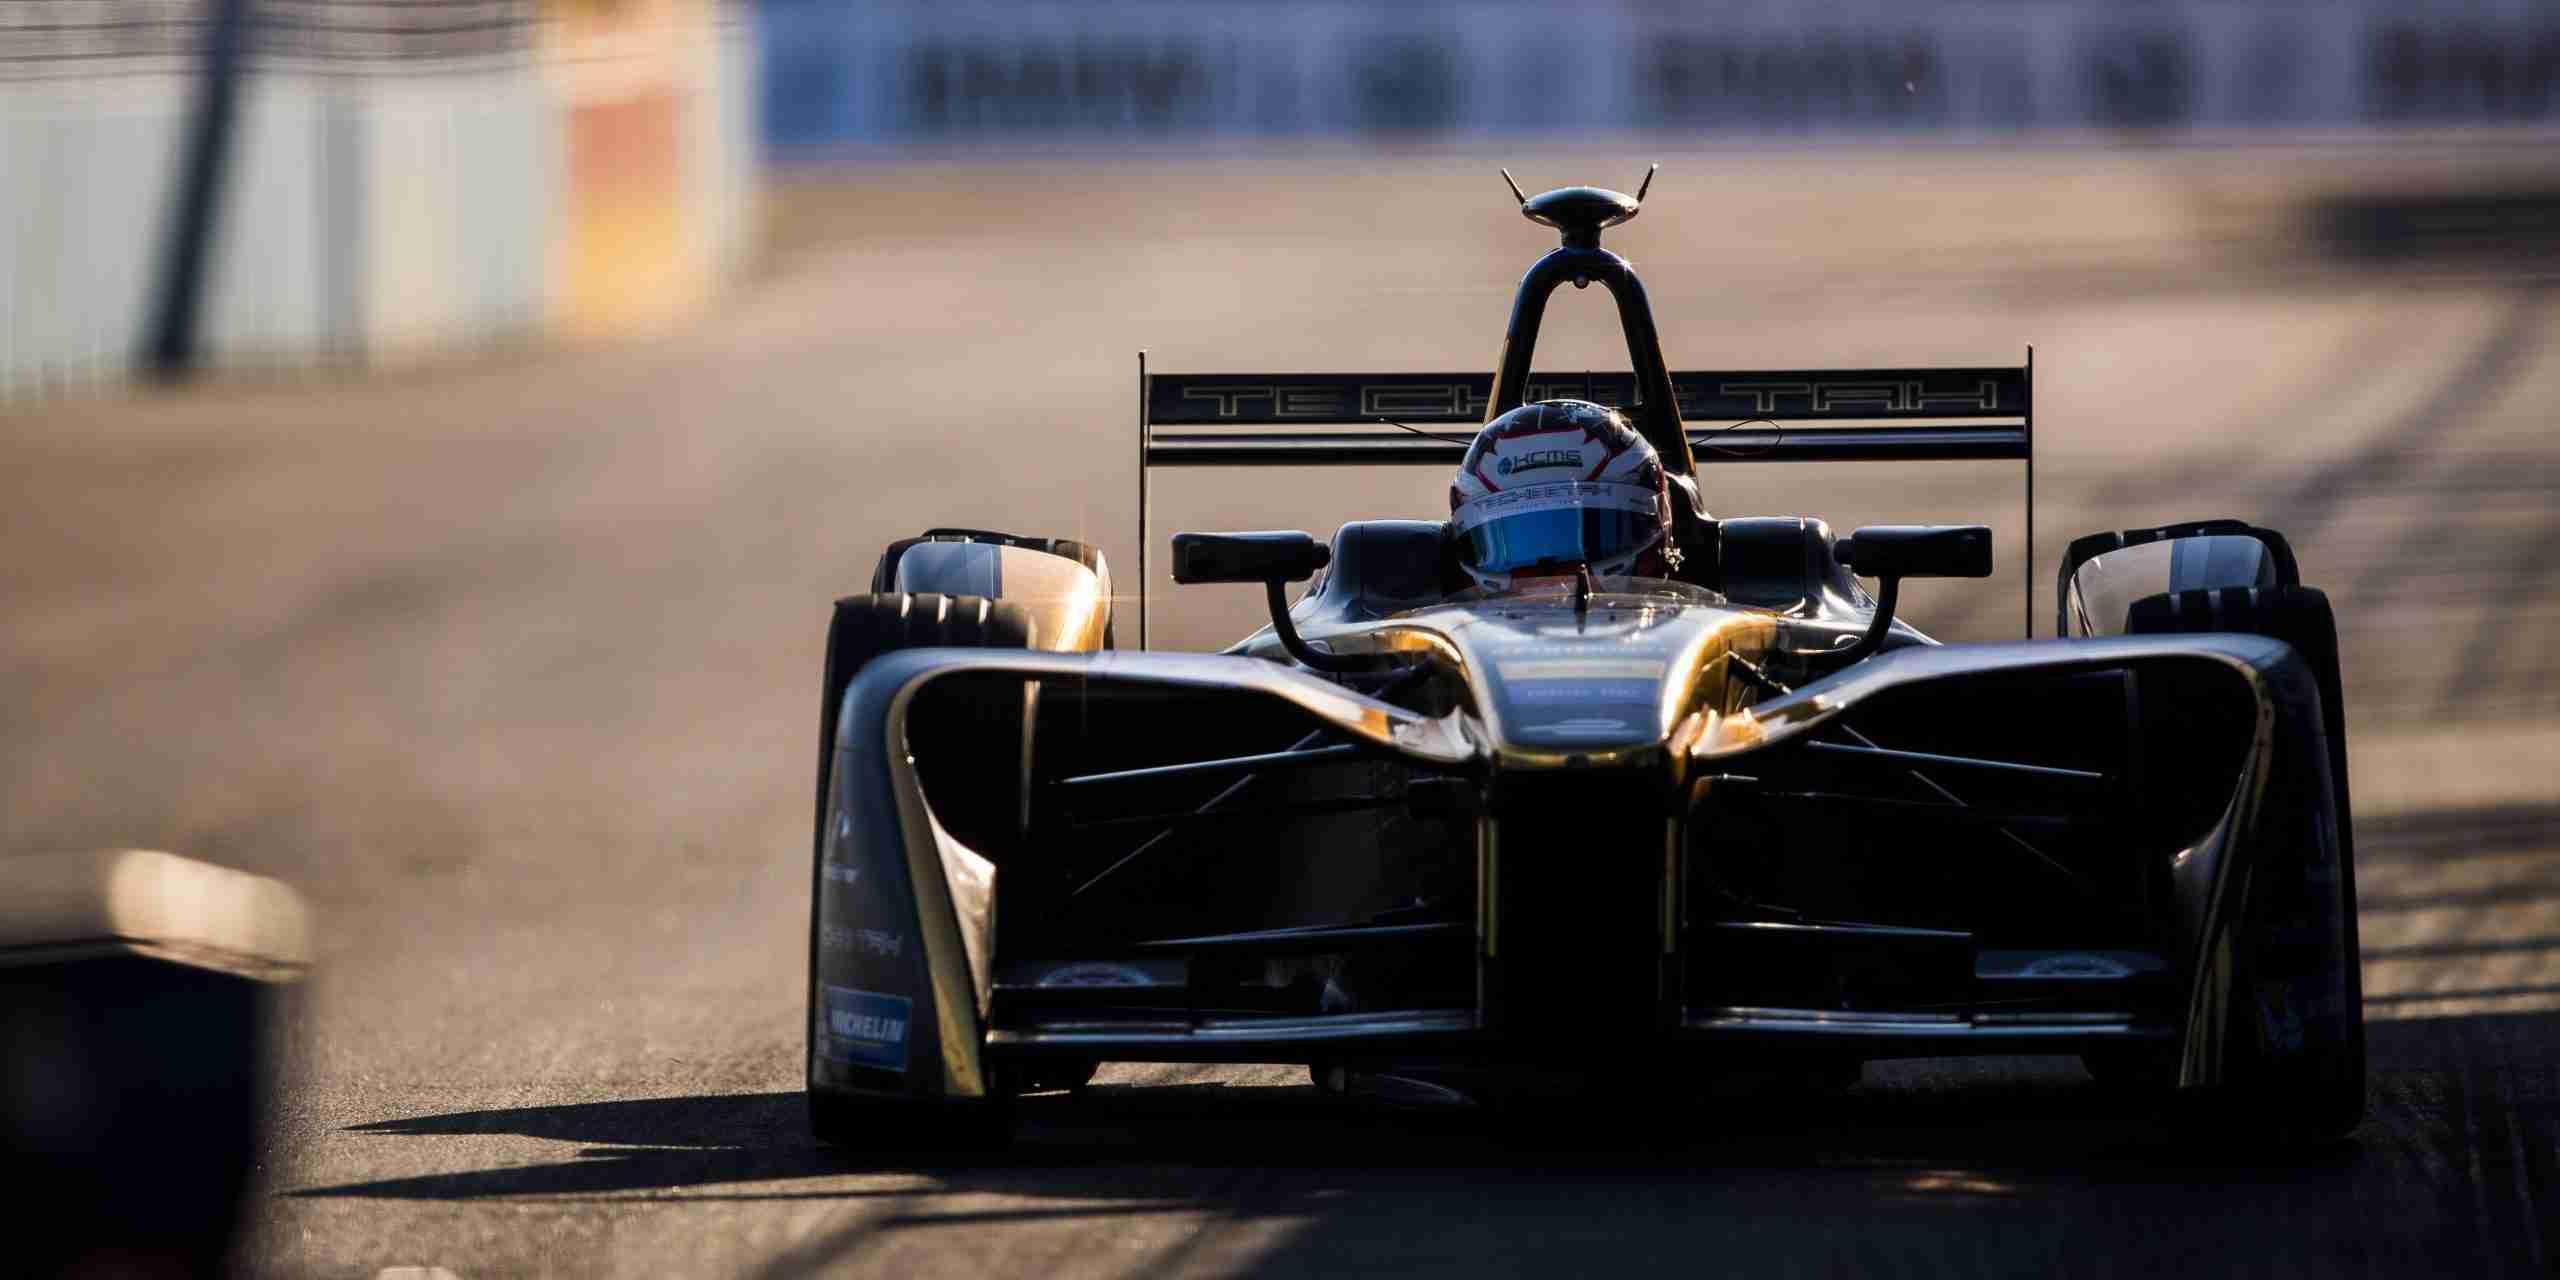 Formula-E car races on a track